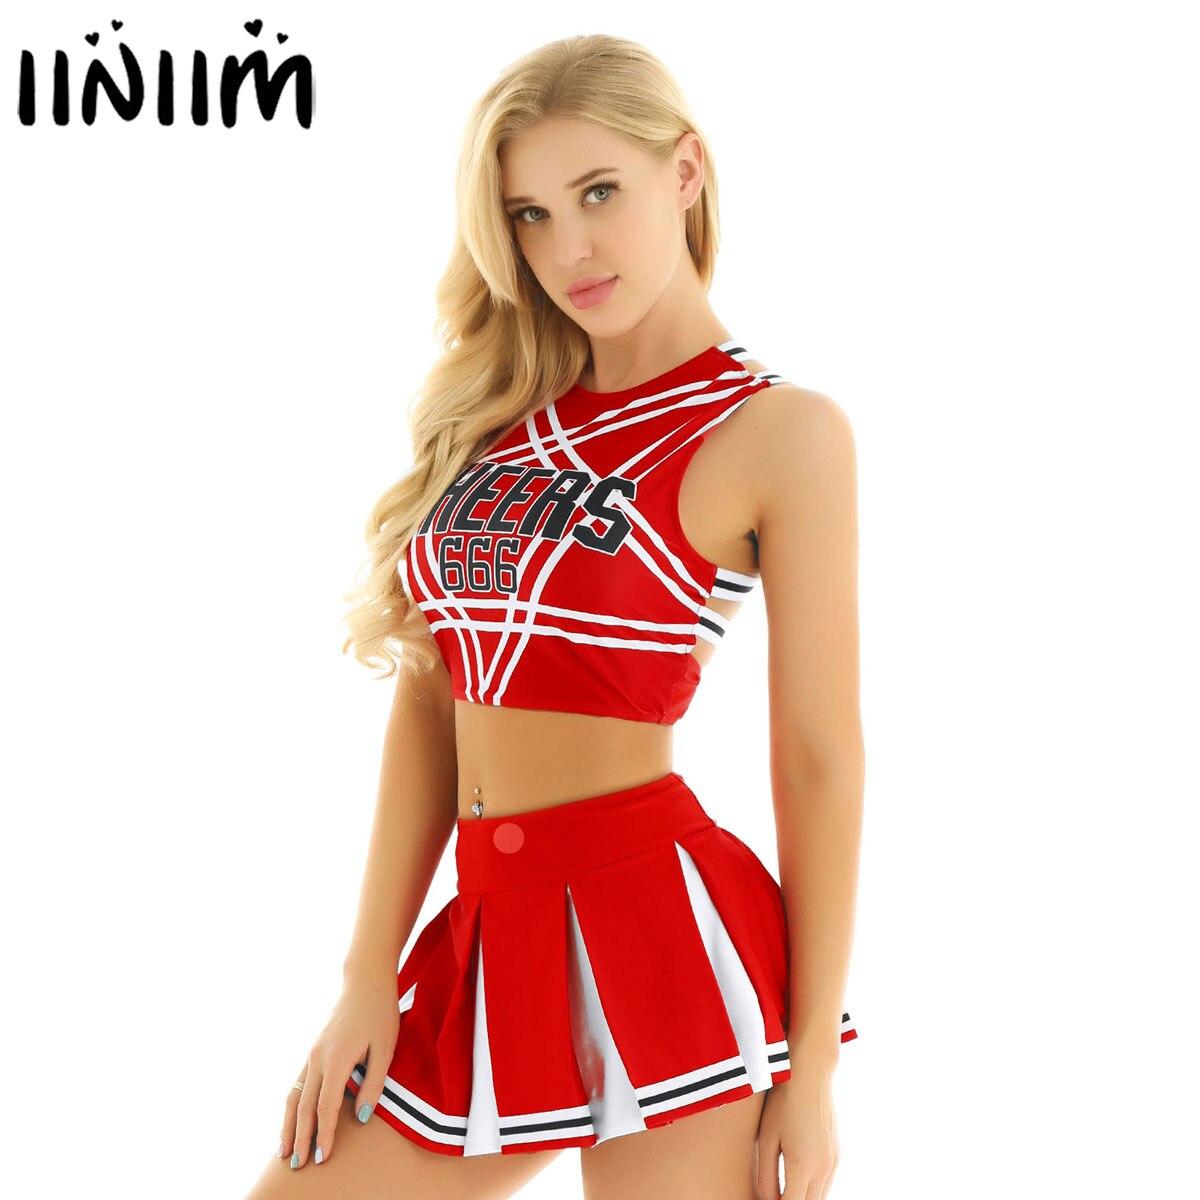 Women Sexy Japanese Schoolgirl Cosplay Uniform Dirndl Girl Sexy Lingerie Gleeing Cheerleader Costume Set Halloween Costume Femme